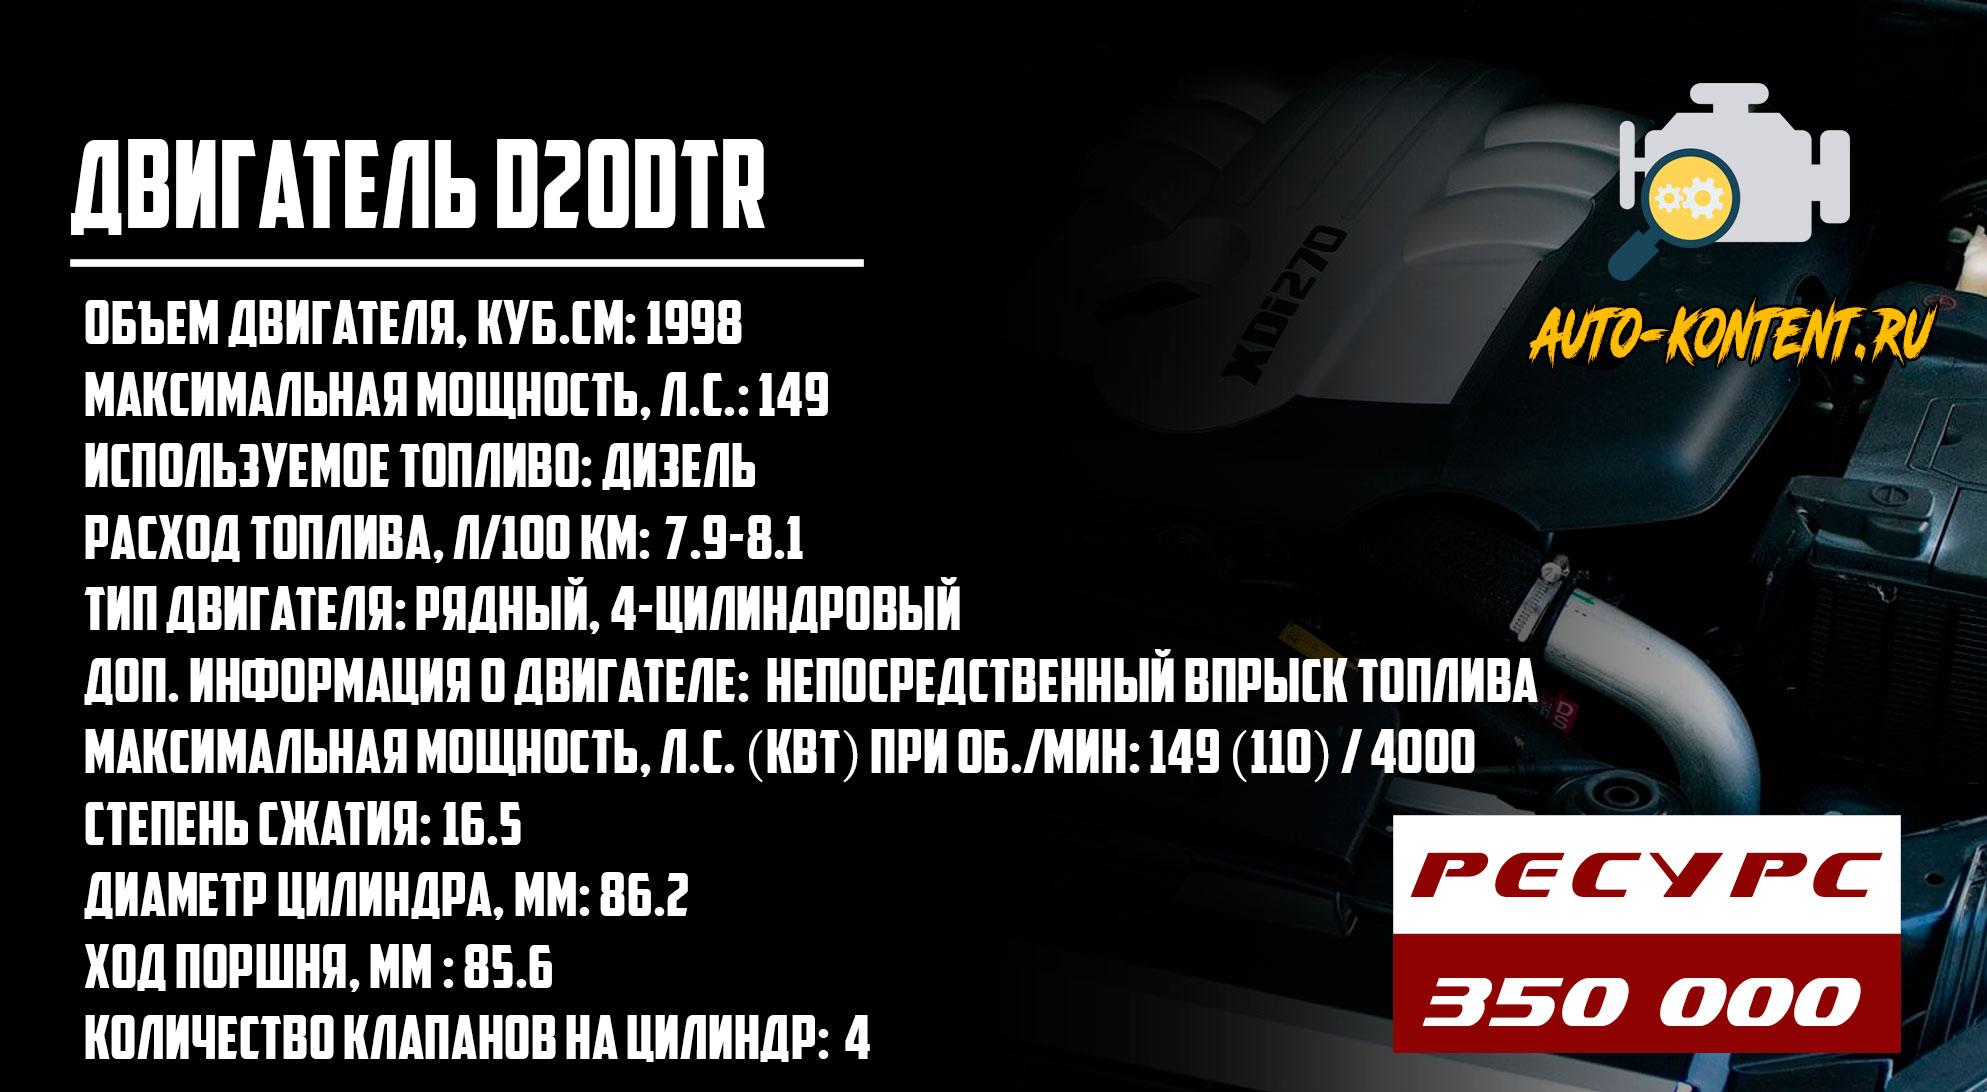 D20DTR